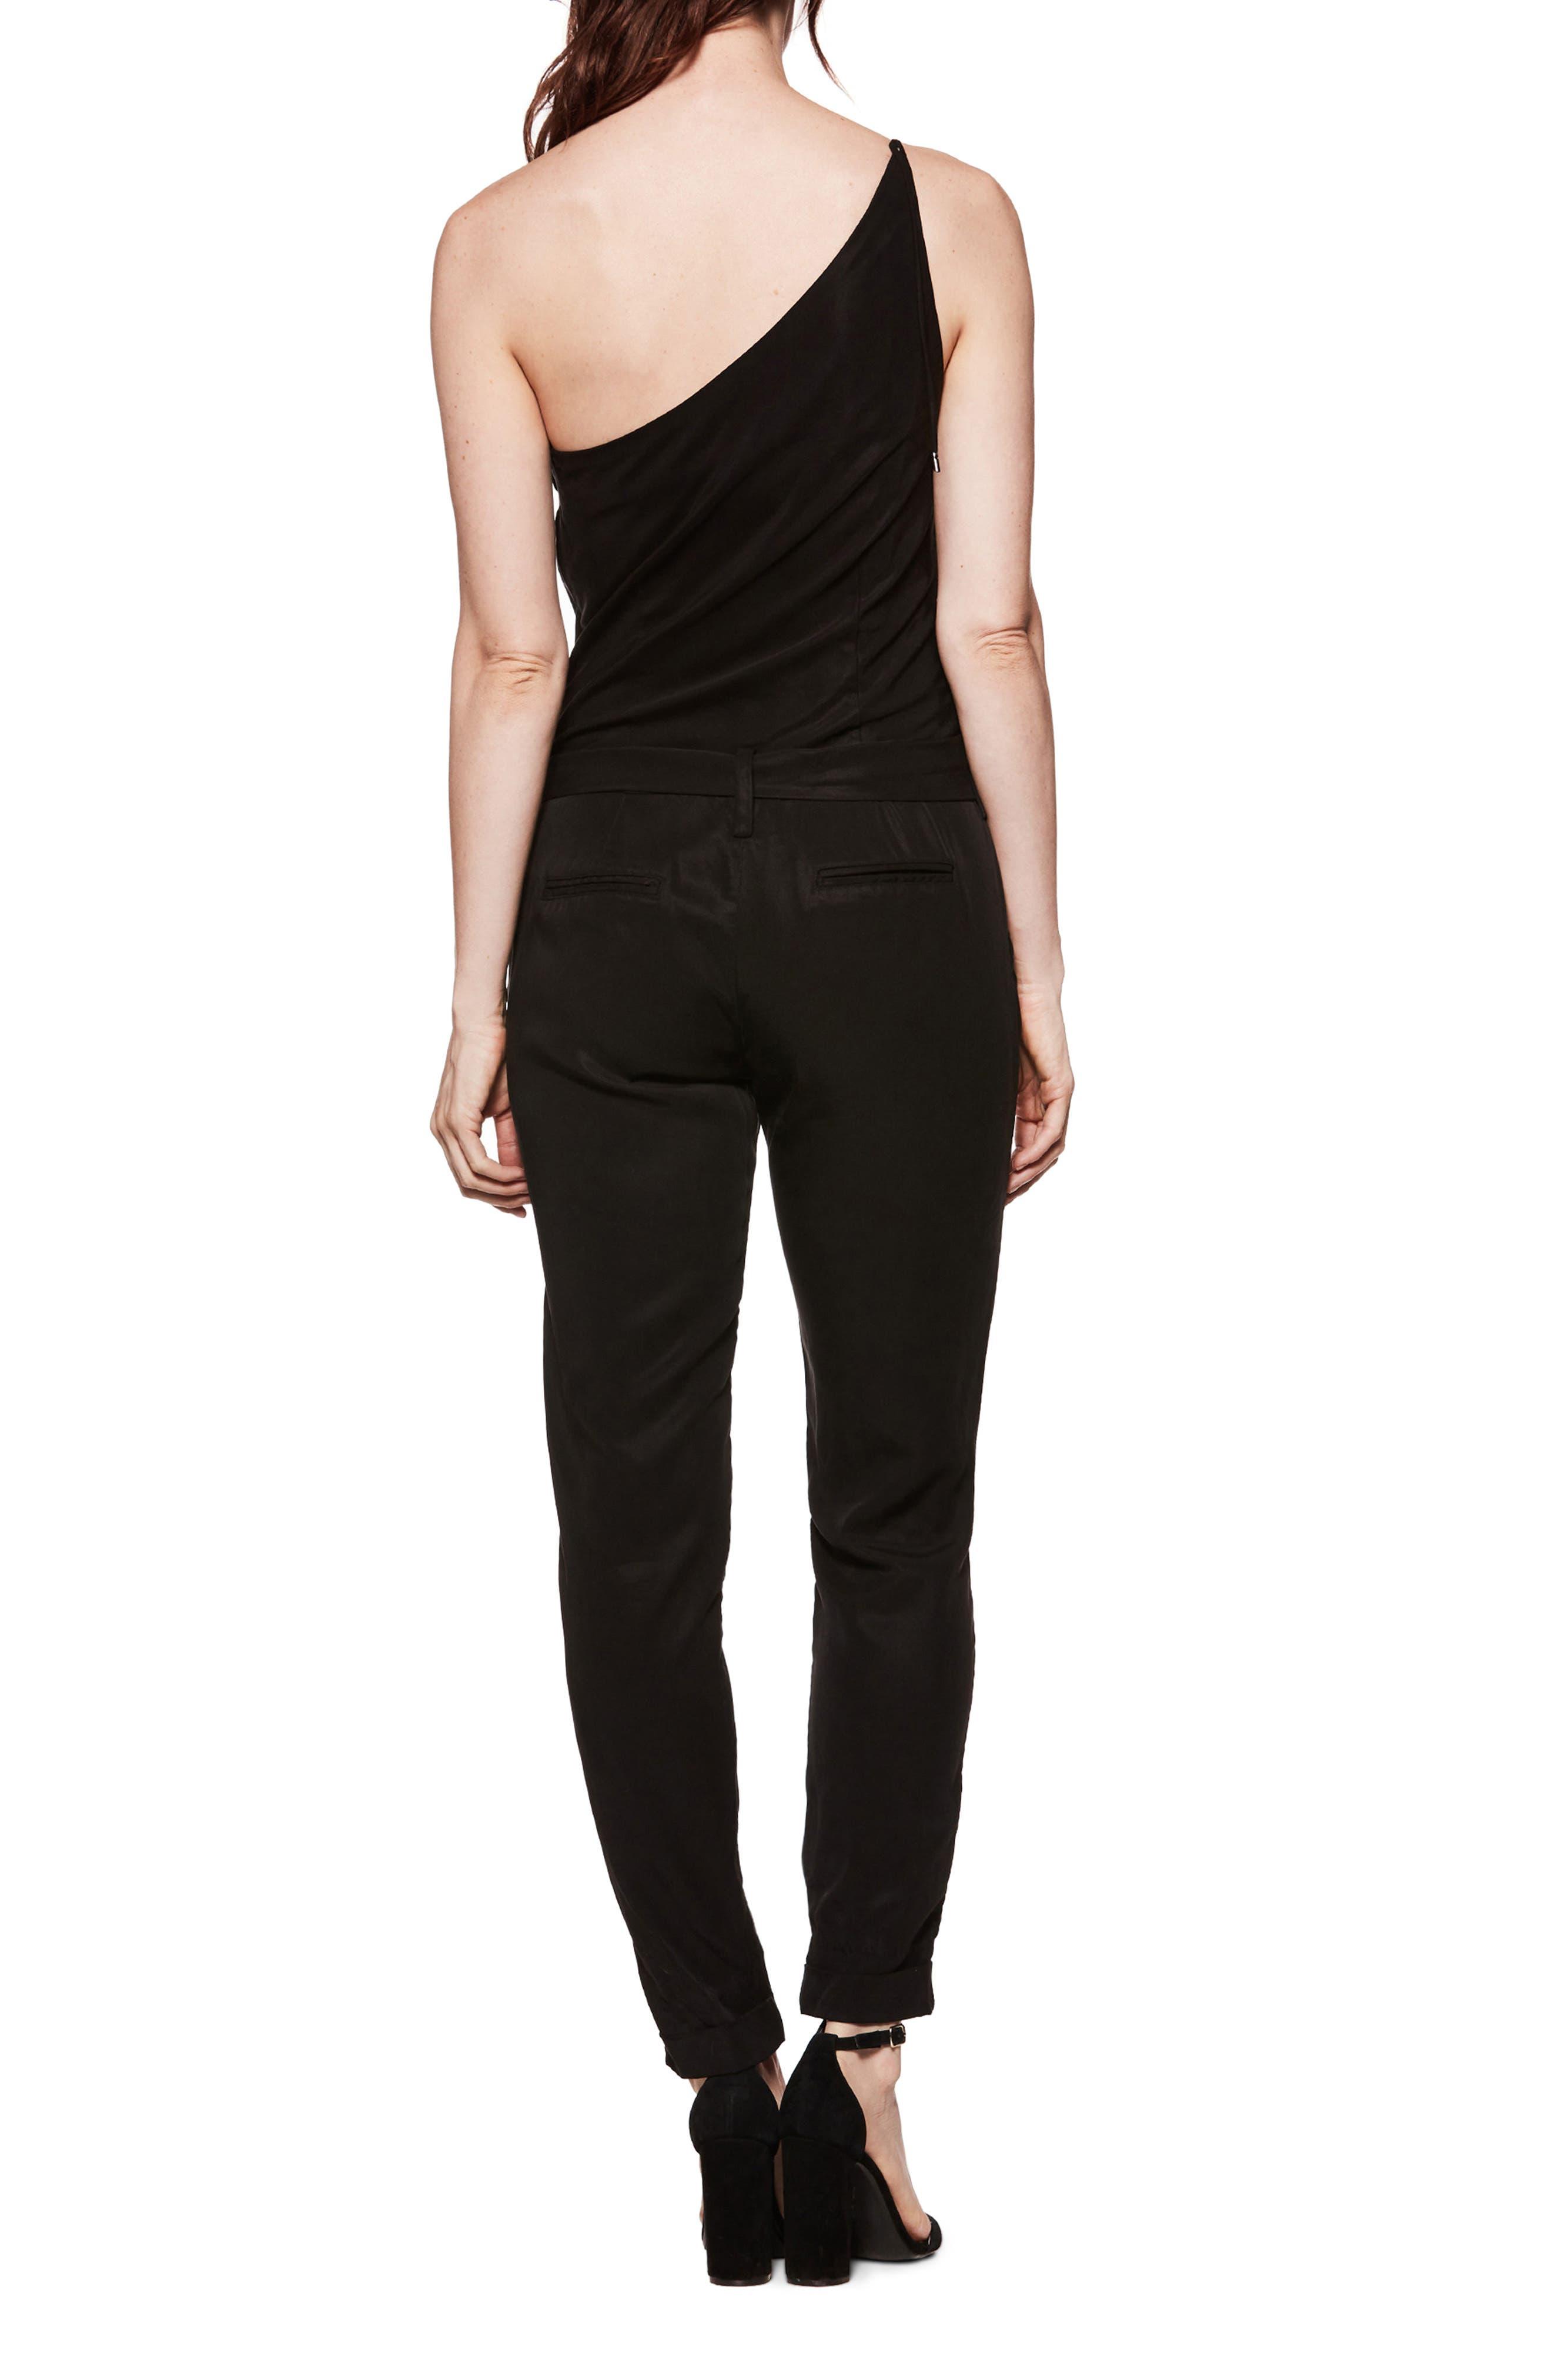 Maise One-Shoulder Jumpsuit,                             Alternate thumbnail 2, color,                             Black